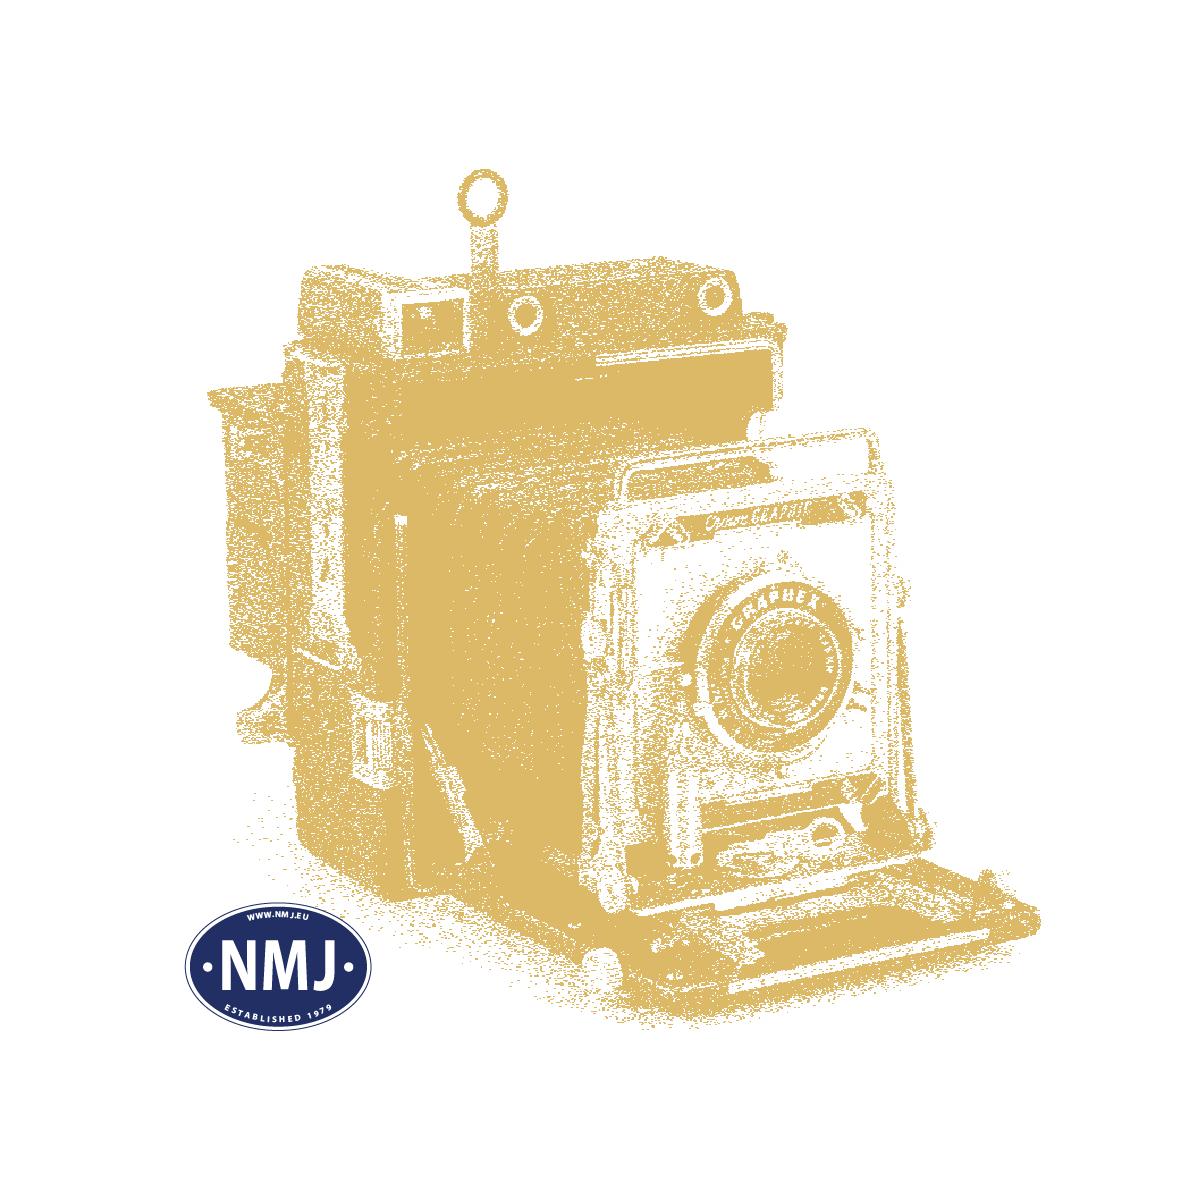 MBR50-3001 - Kleine Büsche dunkelgrün, 3 Stück, 4-6cm, N/TT/H0/0